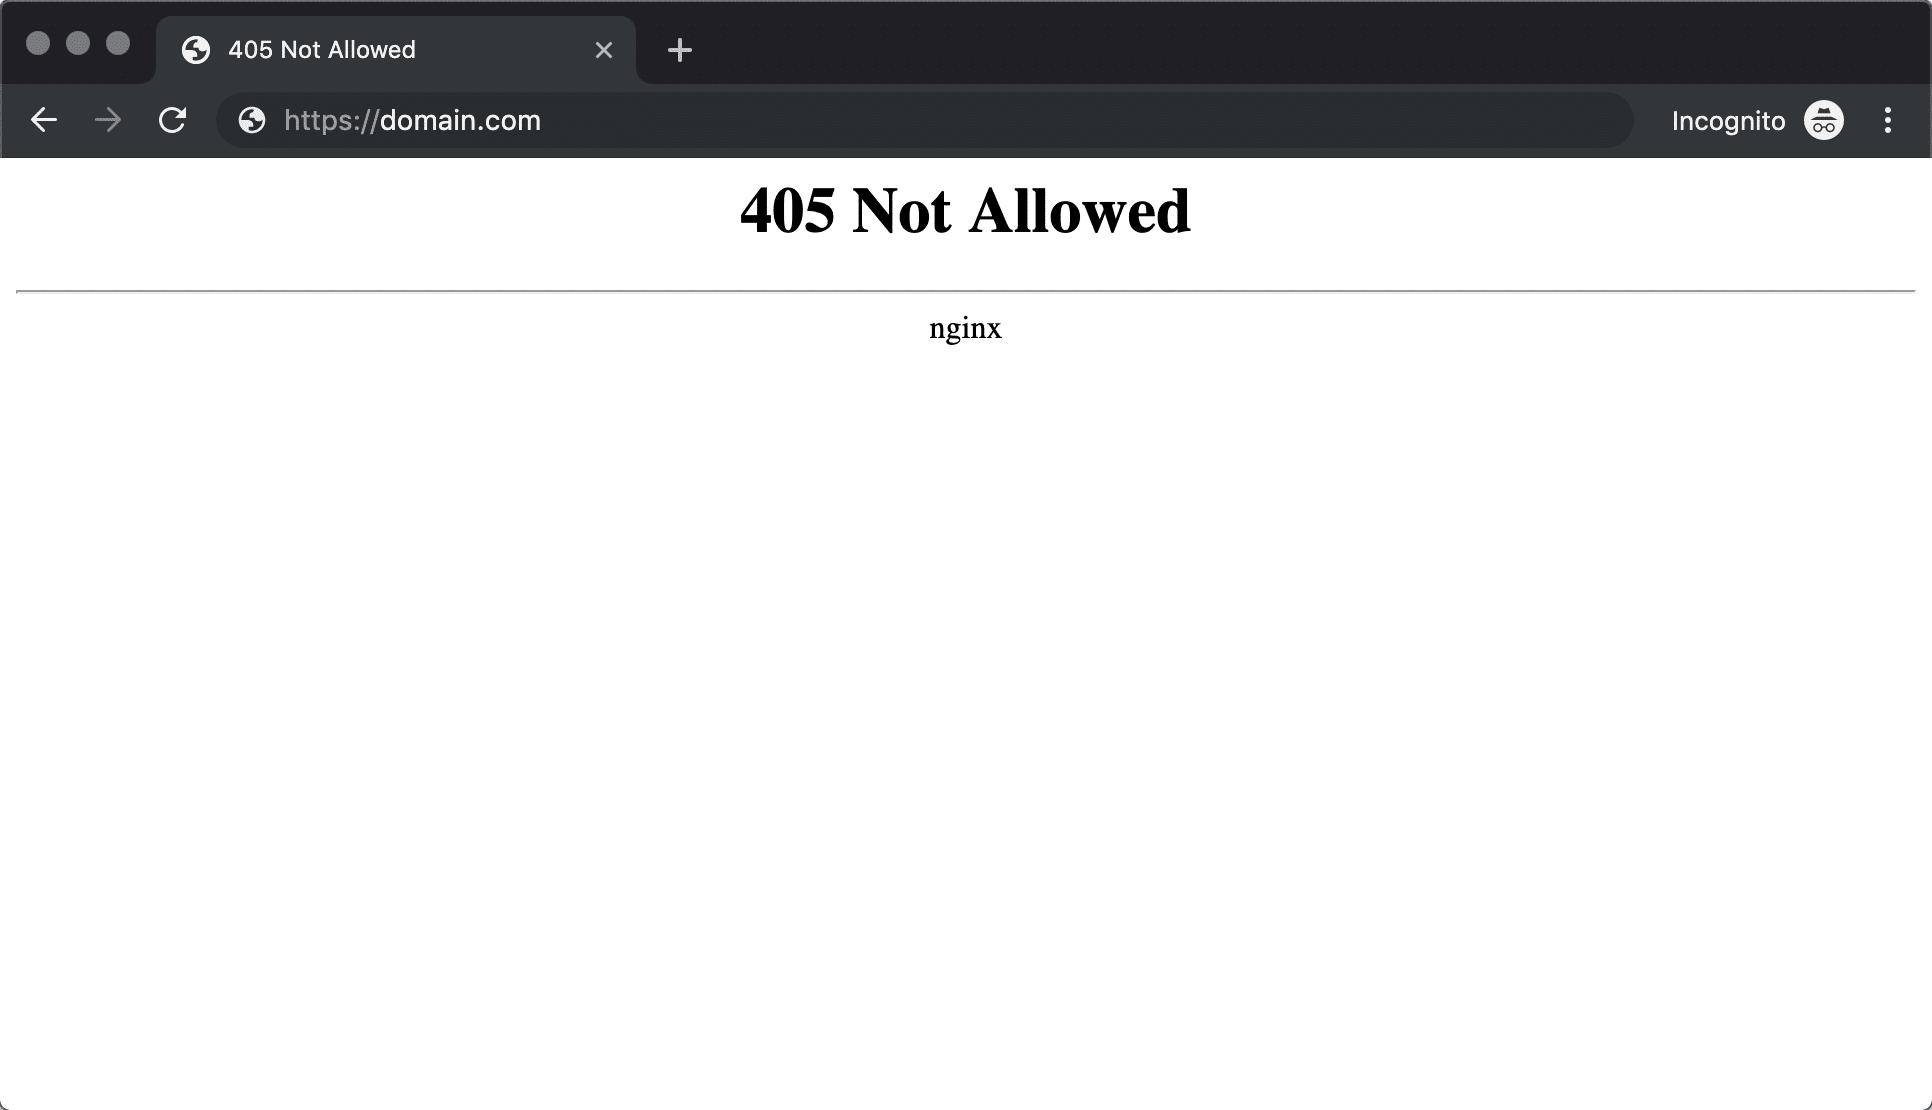 Erreur 405 de méthode non autorisée Nginx dans Chrome